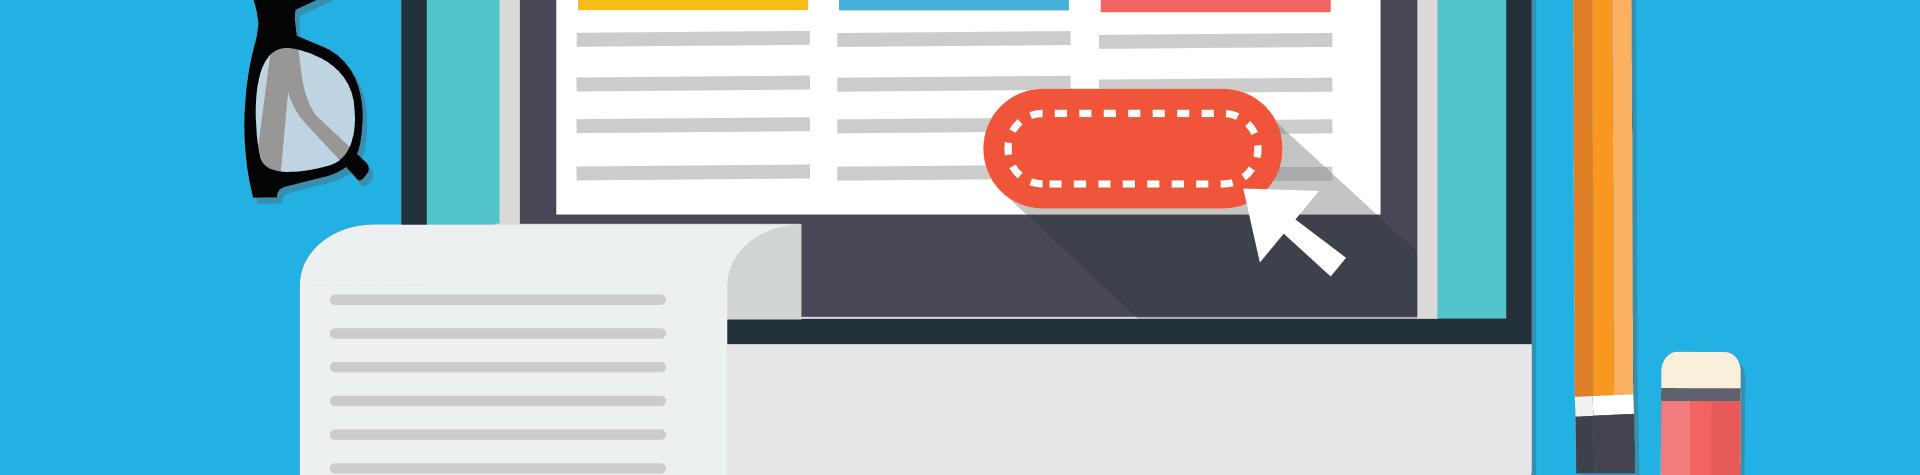 Tutoriel imprimerie : CMJN qu'est ce que la gestion de couleur ?